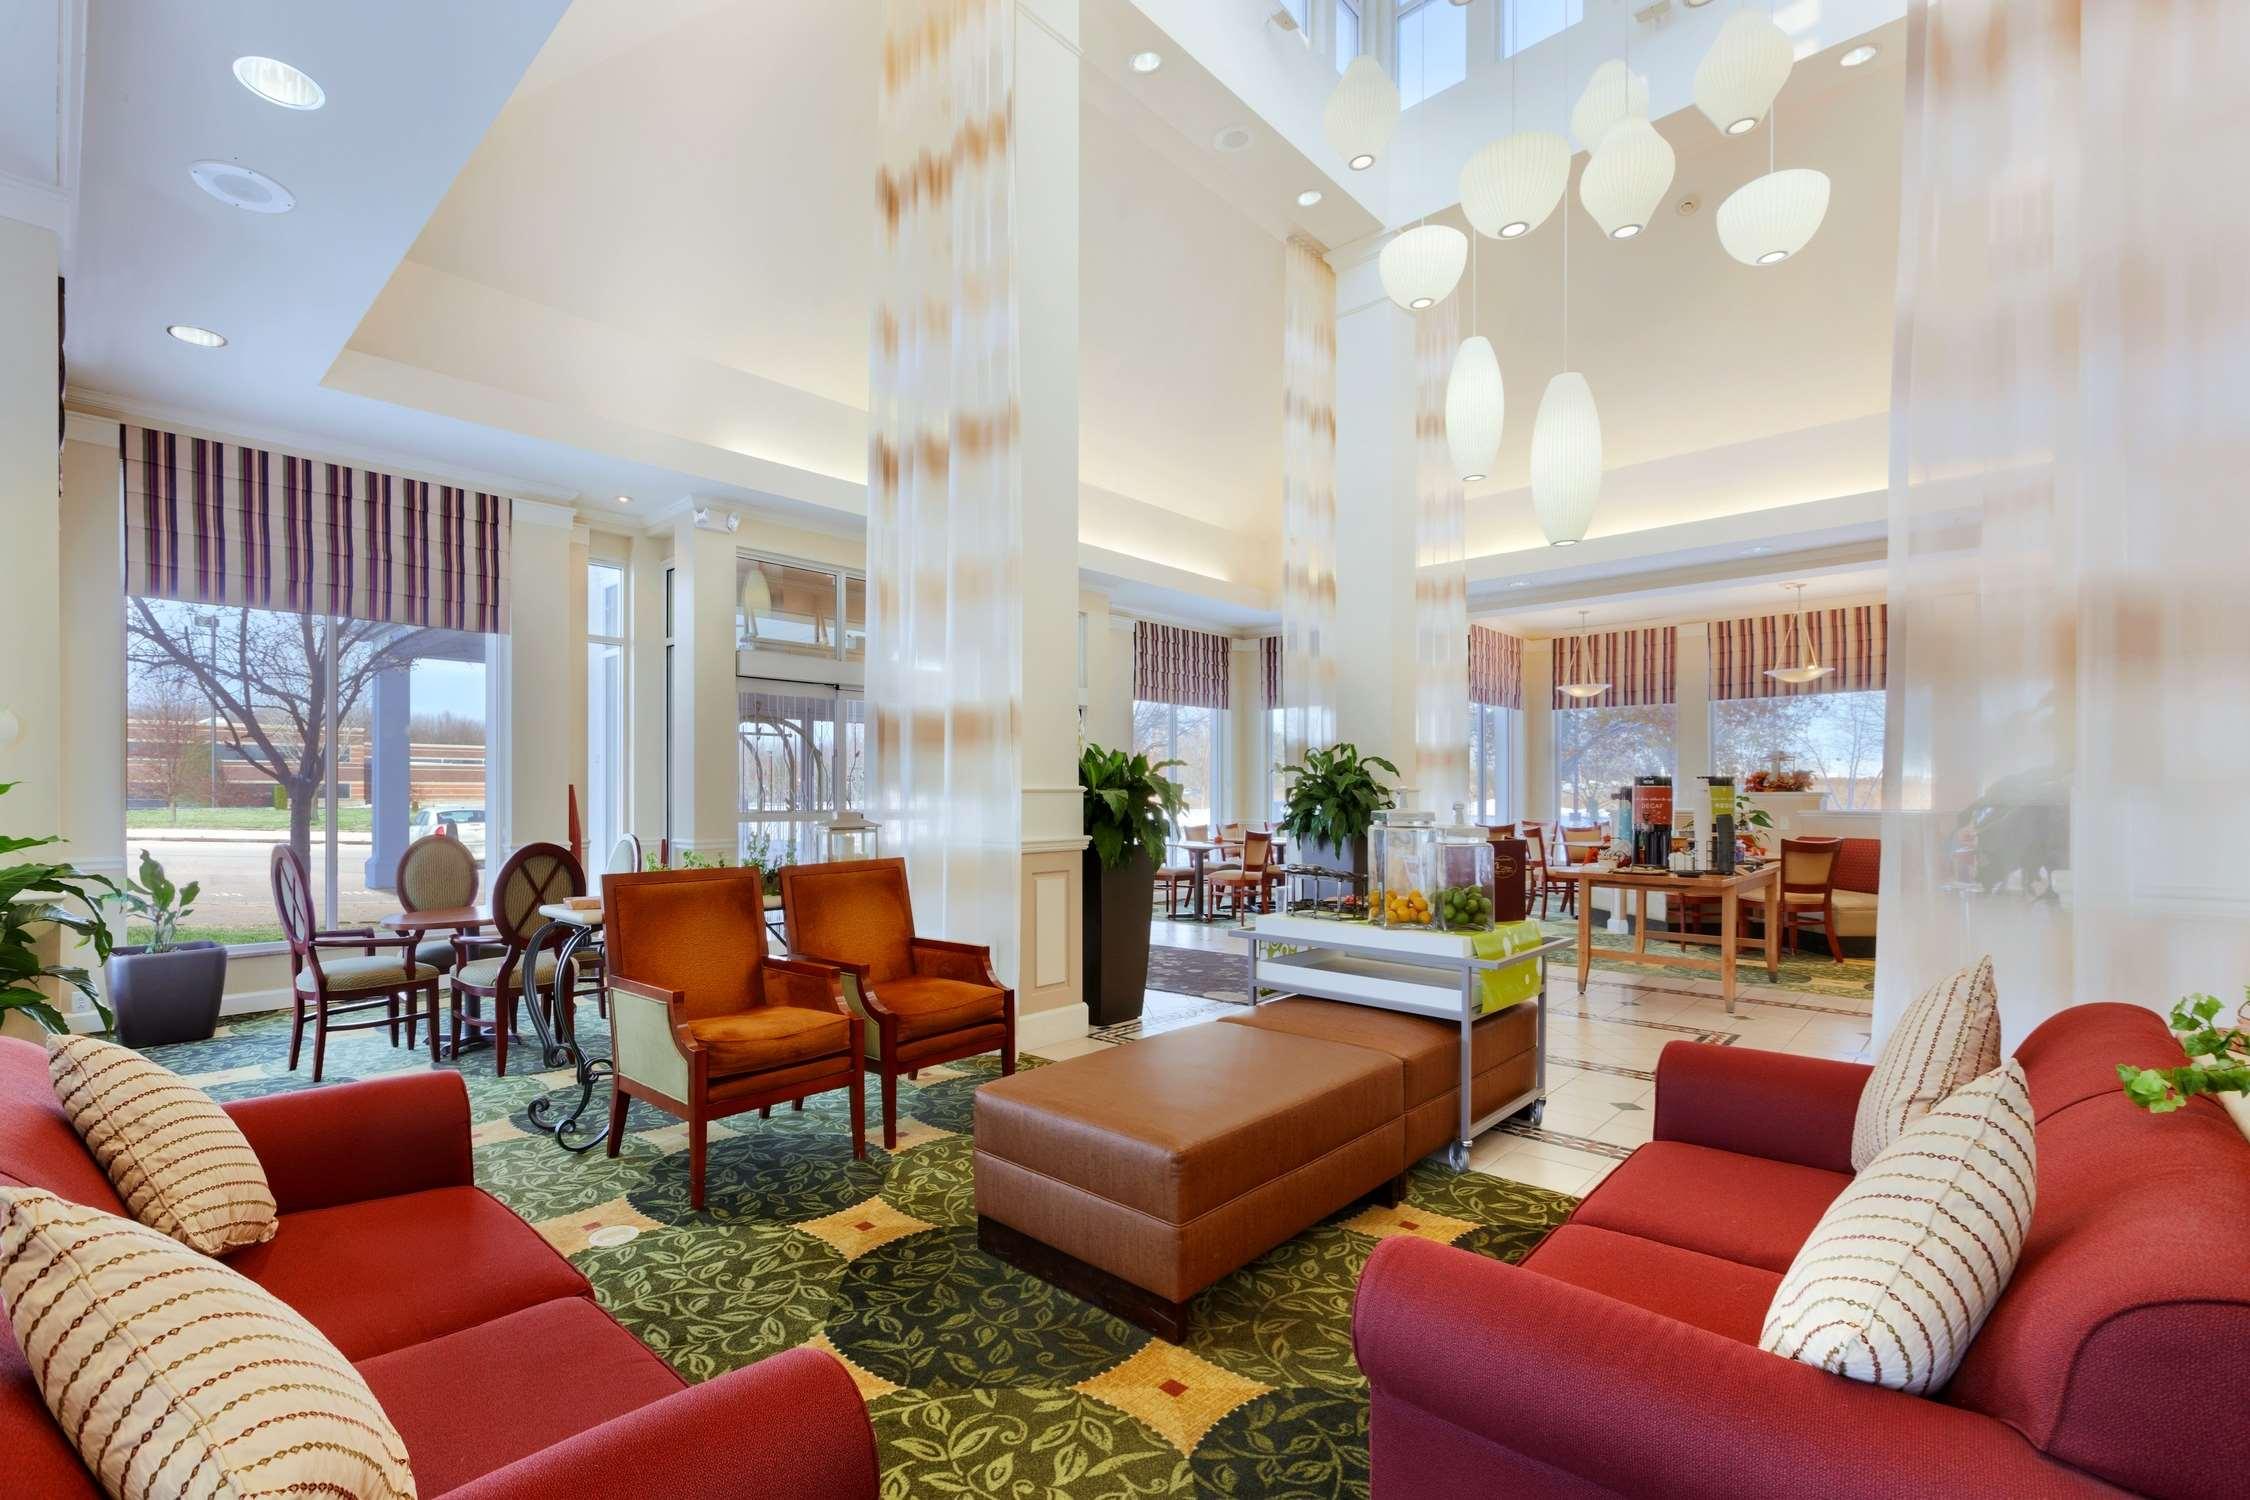 Hilton Garden Inn Syracuse image 3